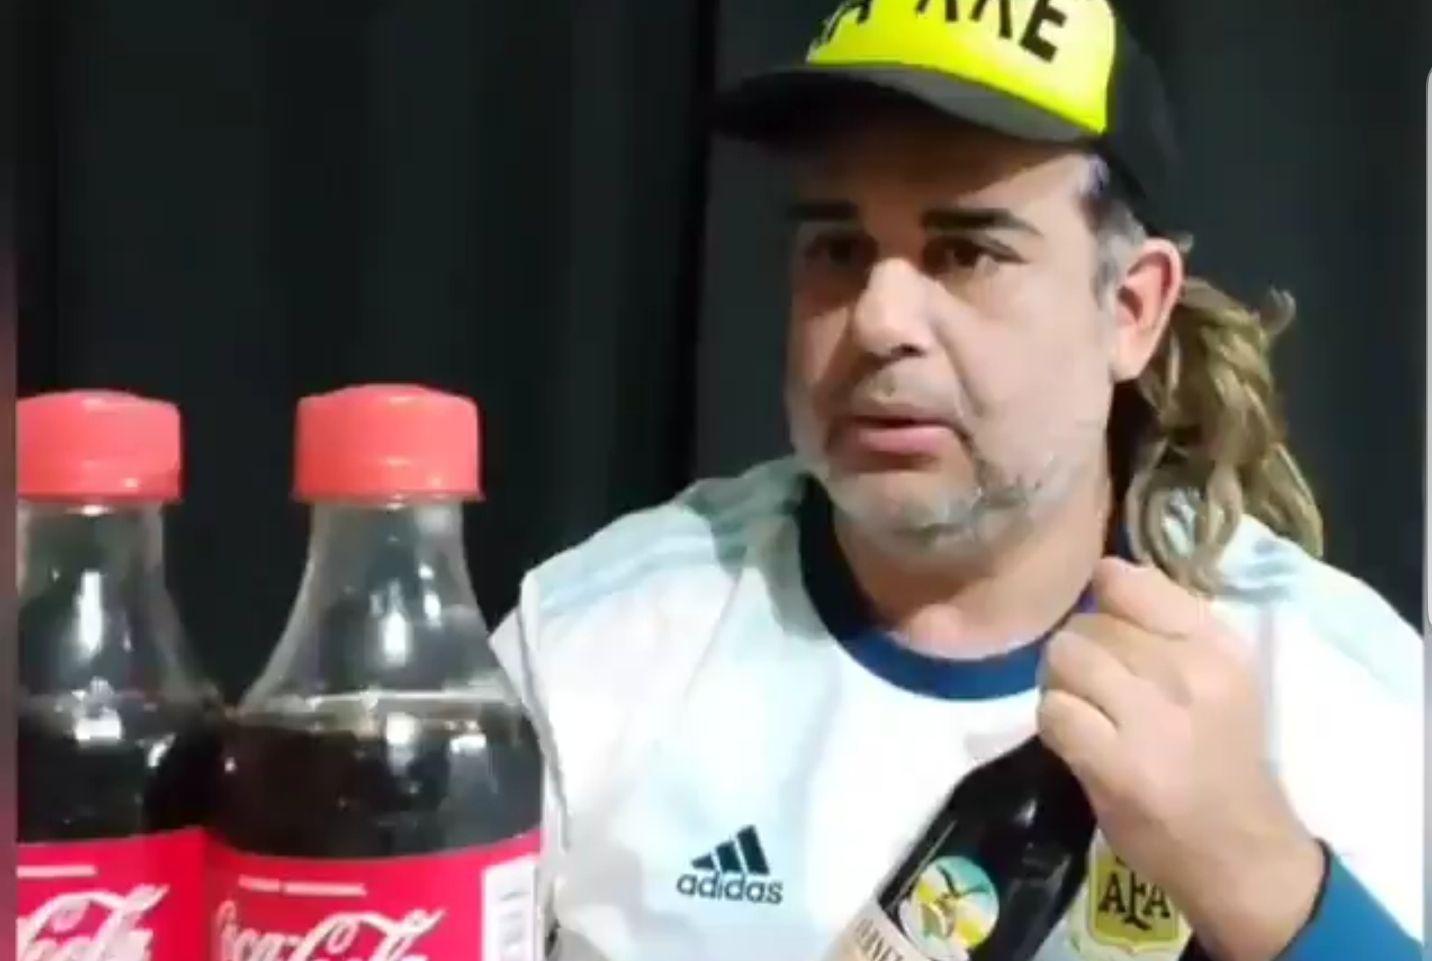 El suceso provocado por Cristiano Ronaldo en la Eurocopa aoartando botellas del auspiciante Coca-Cola, generó una parodia que se repite y también la baja en las acciones de la empresa